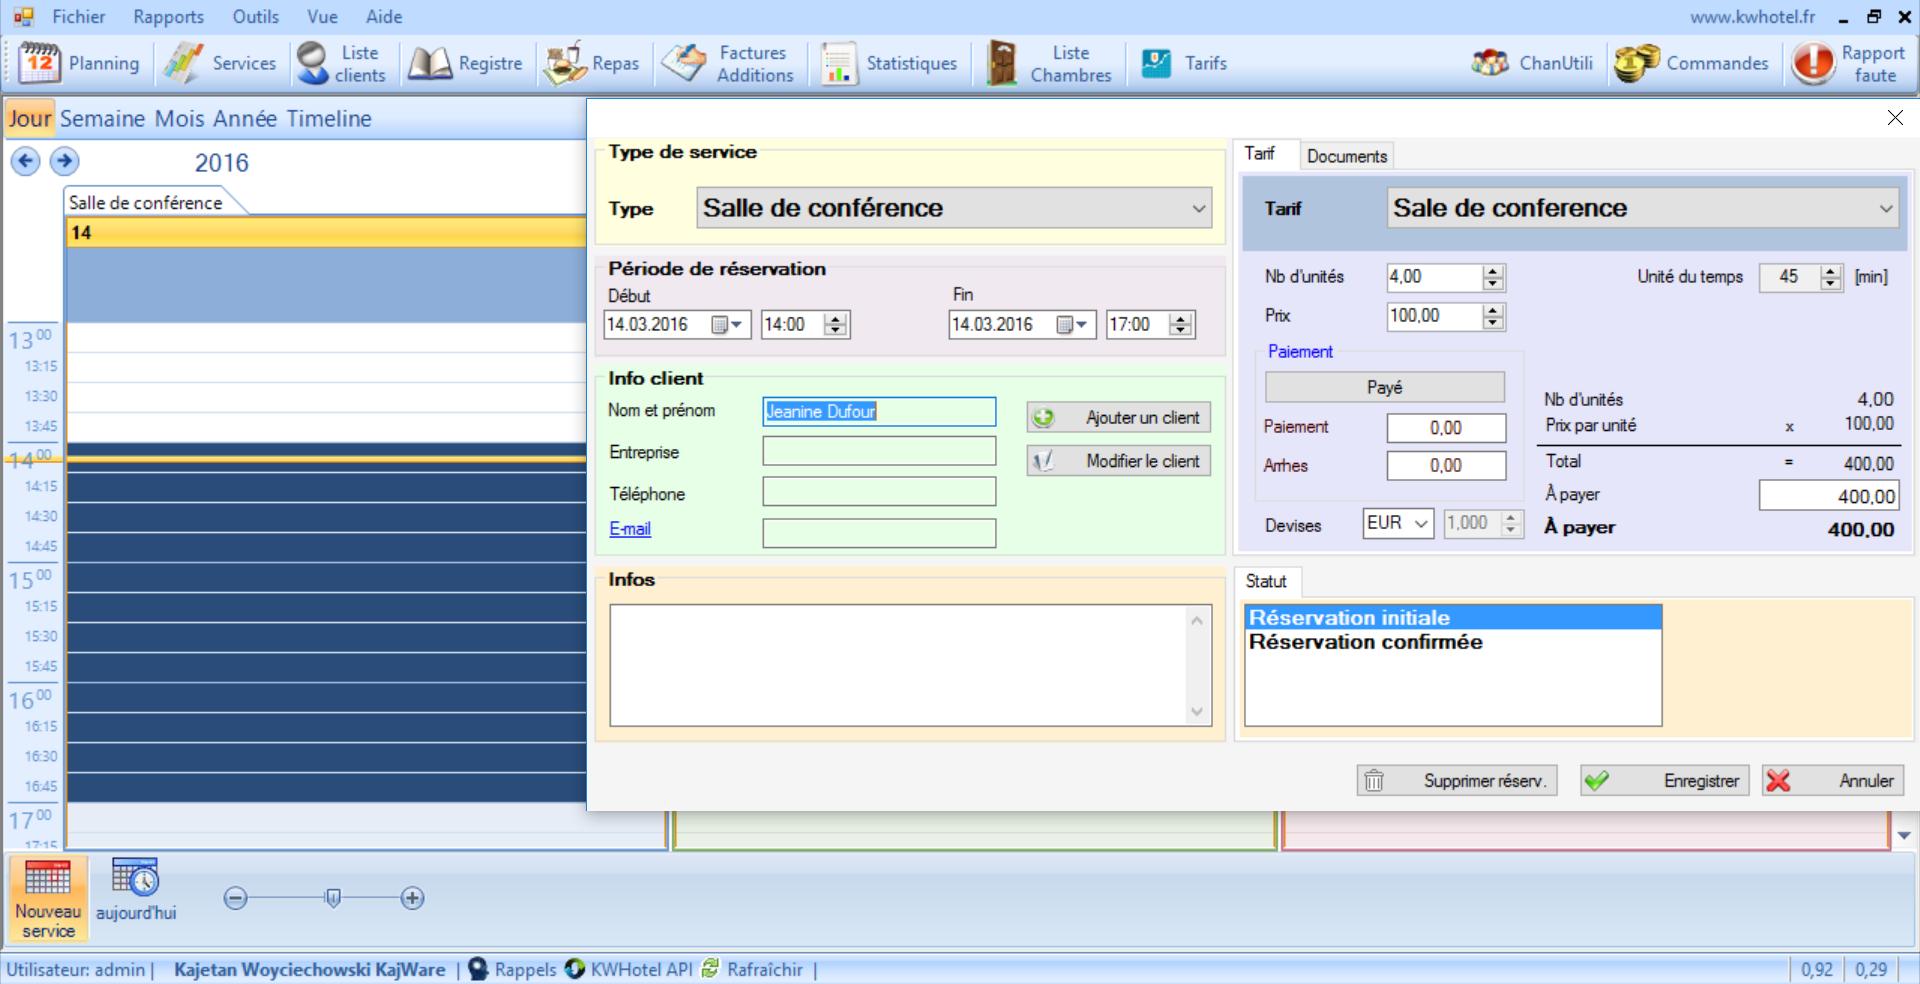 logiciel de gestion de tontine gratuit